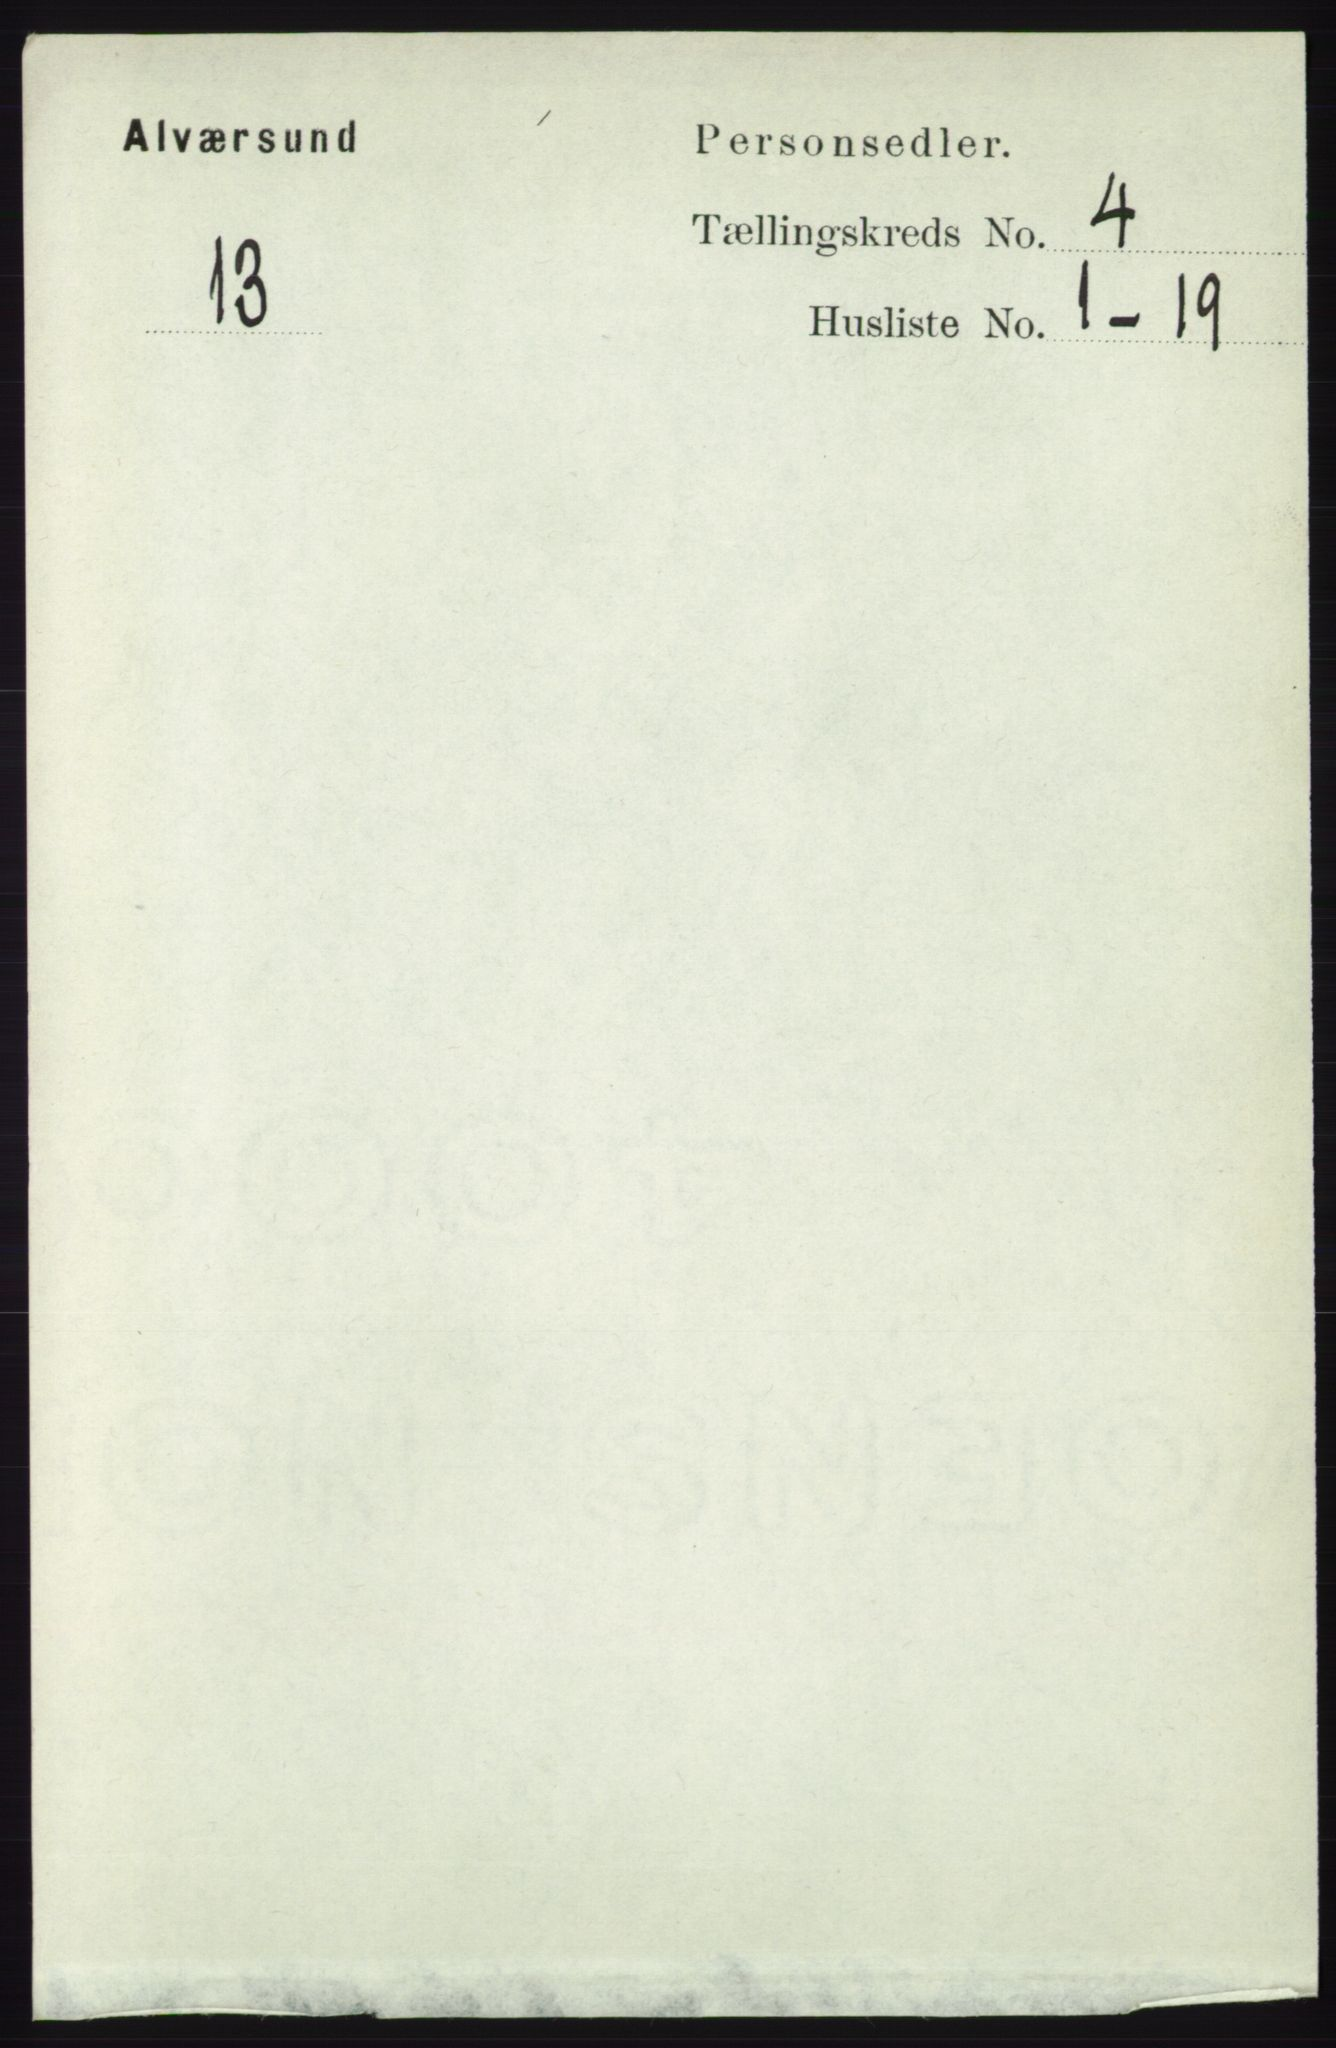 RA, Folketelling 1891 for 1257 Alversund herred, 1891, s. 1630